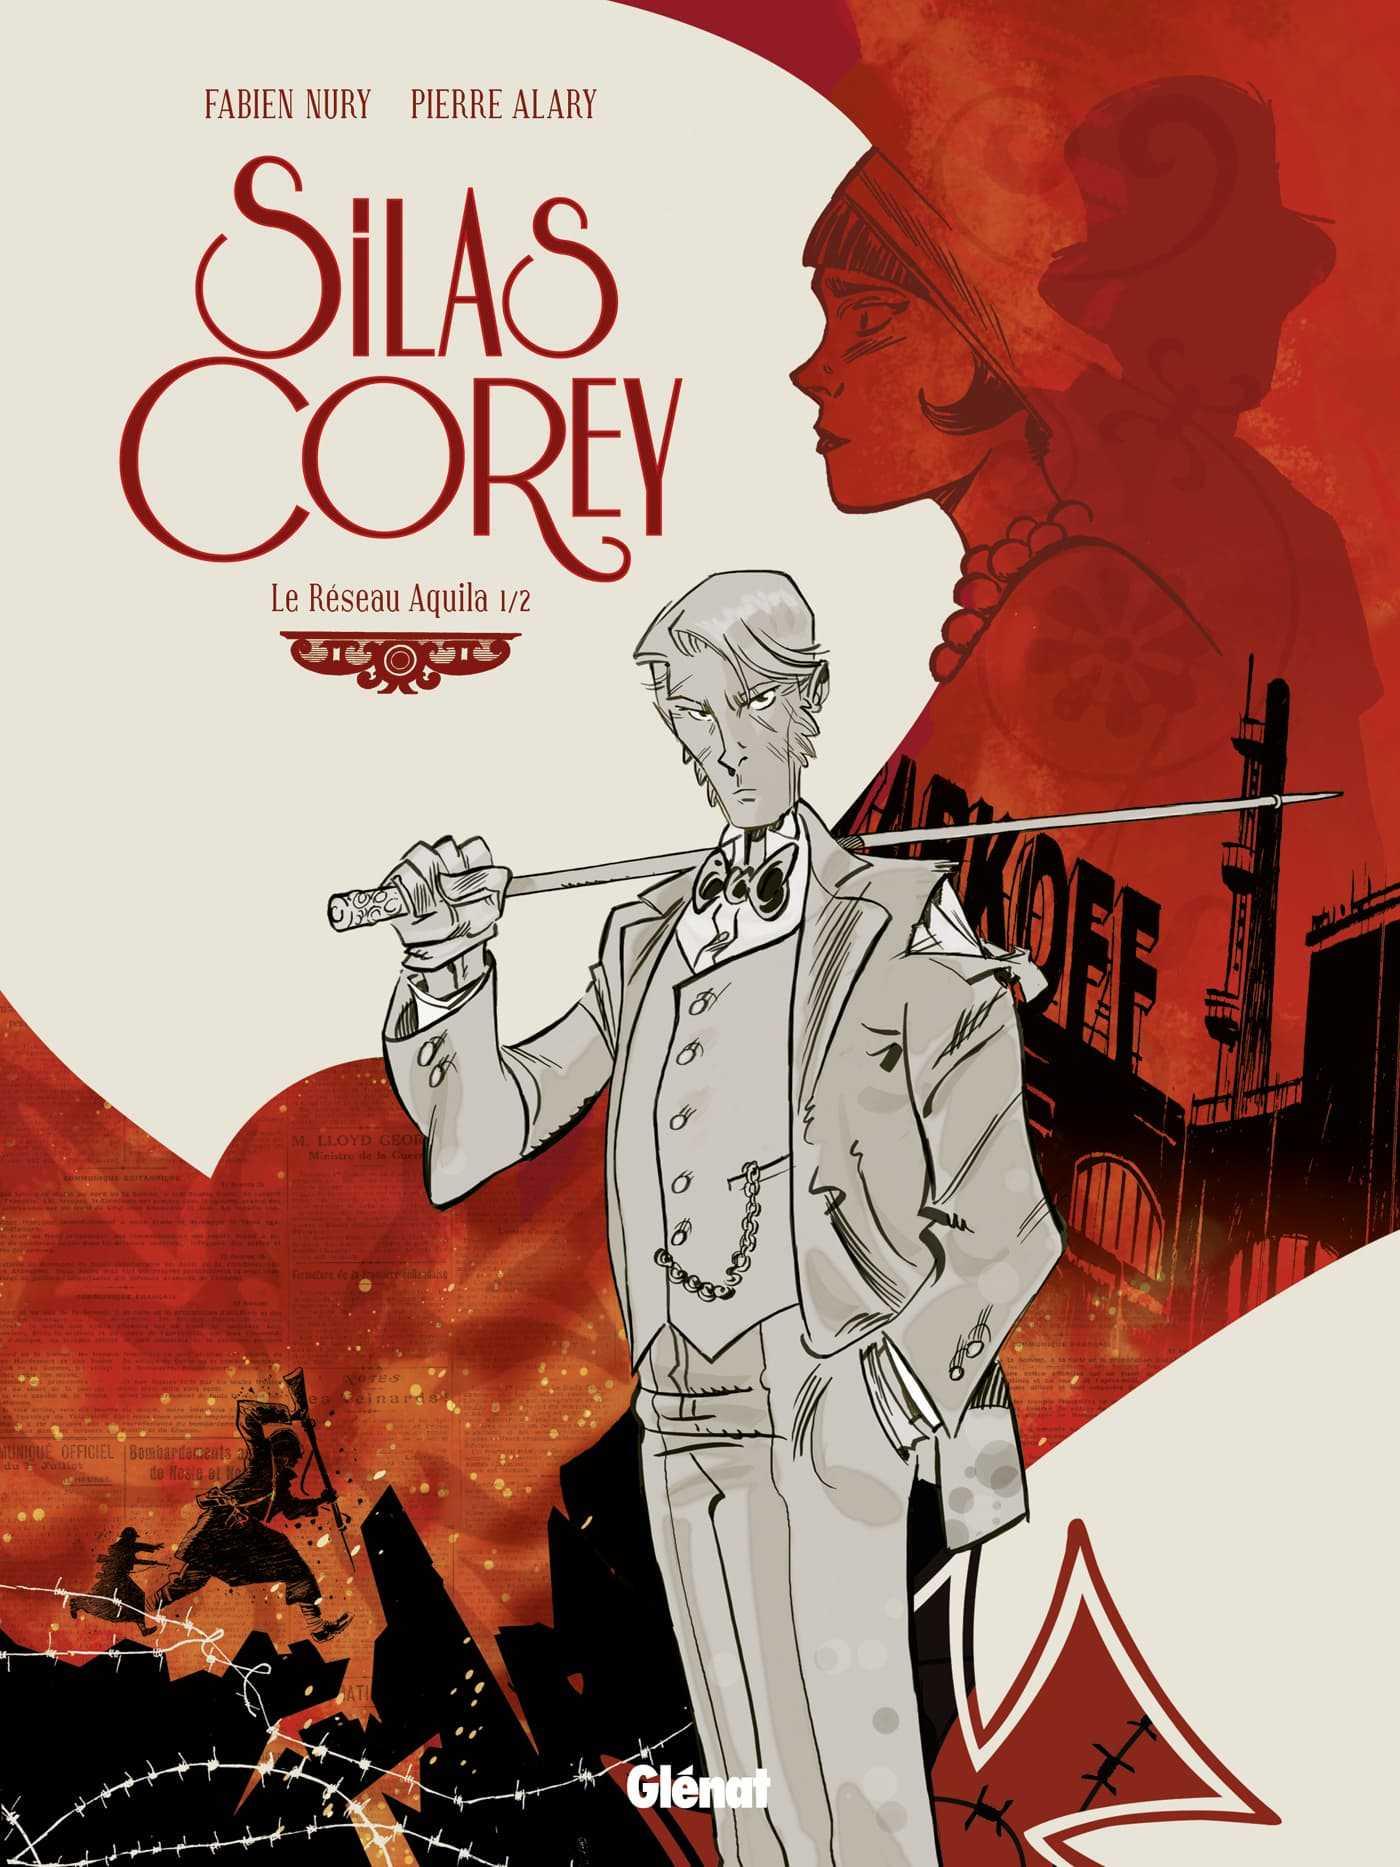 Silas Corey, un privé qui joue sur tous les fronts signé par Nury